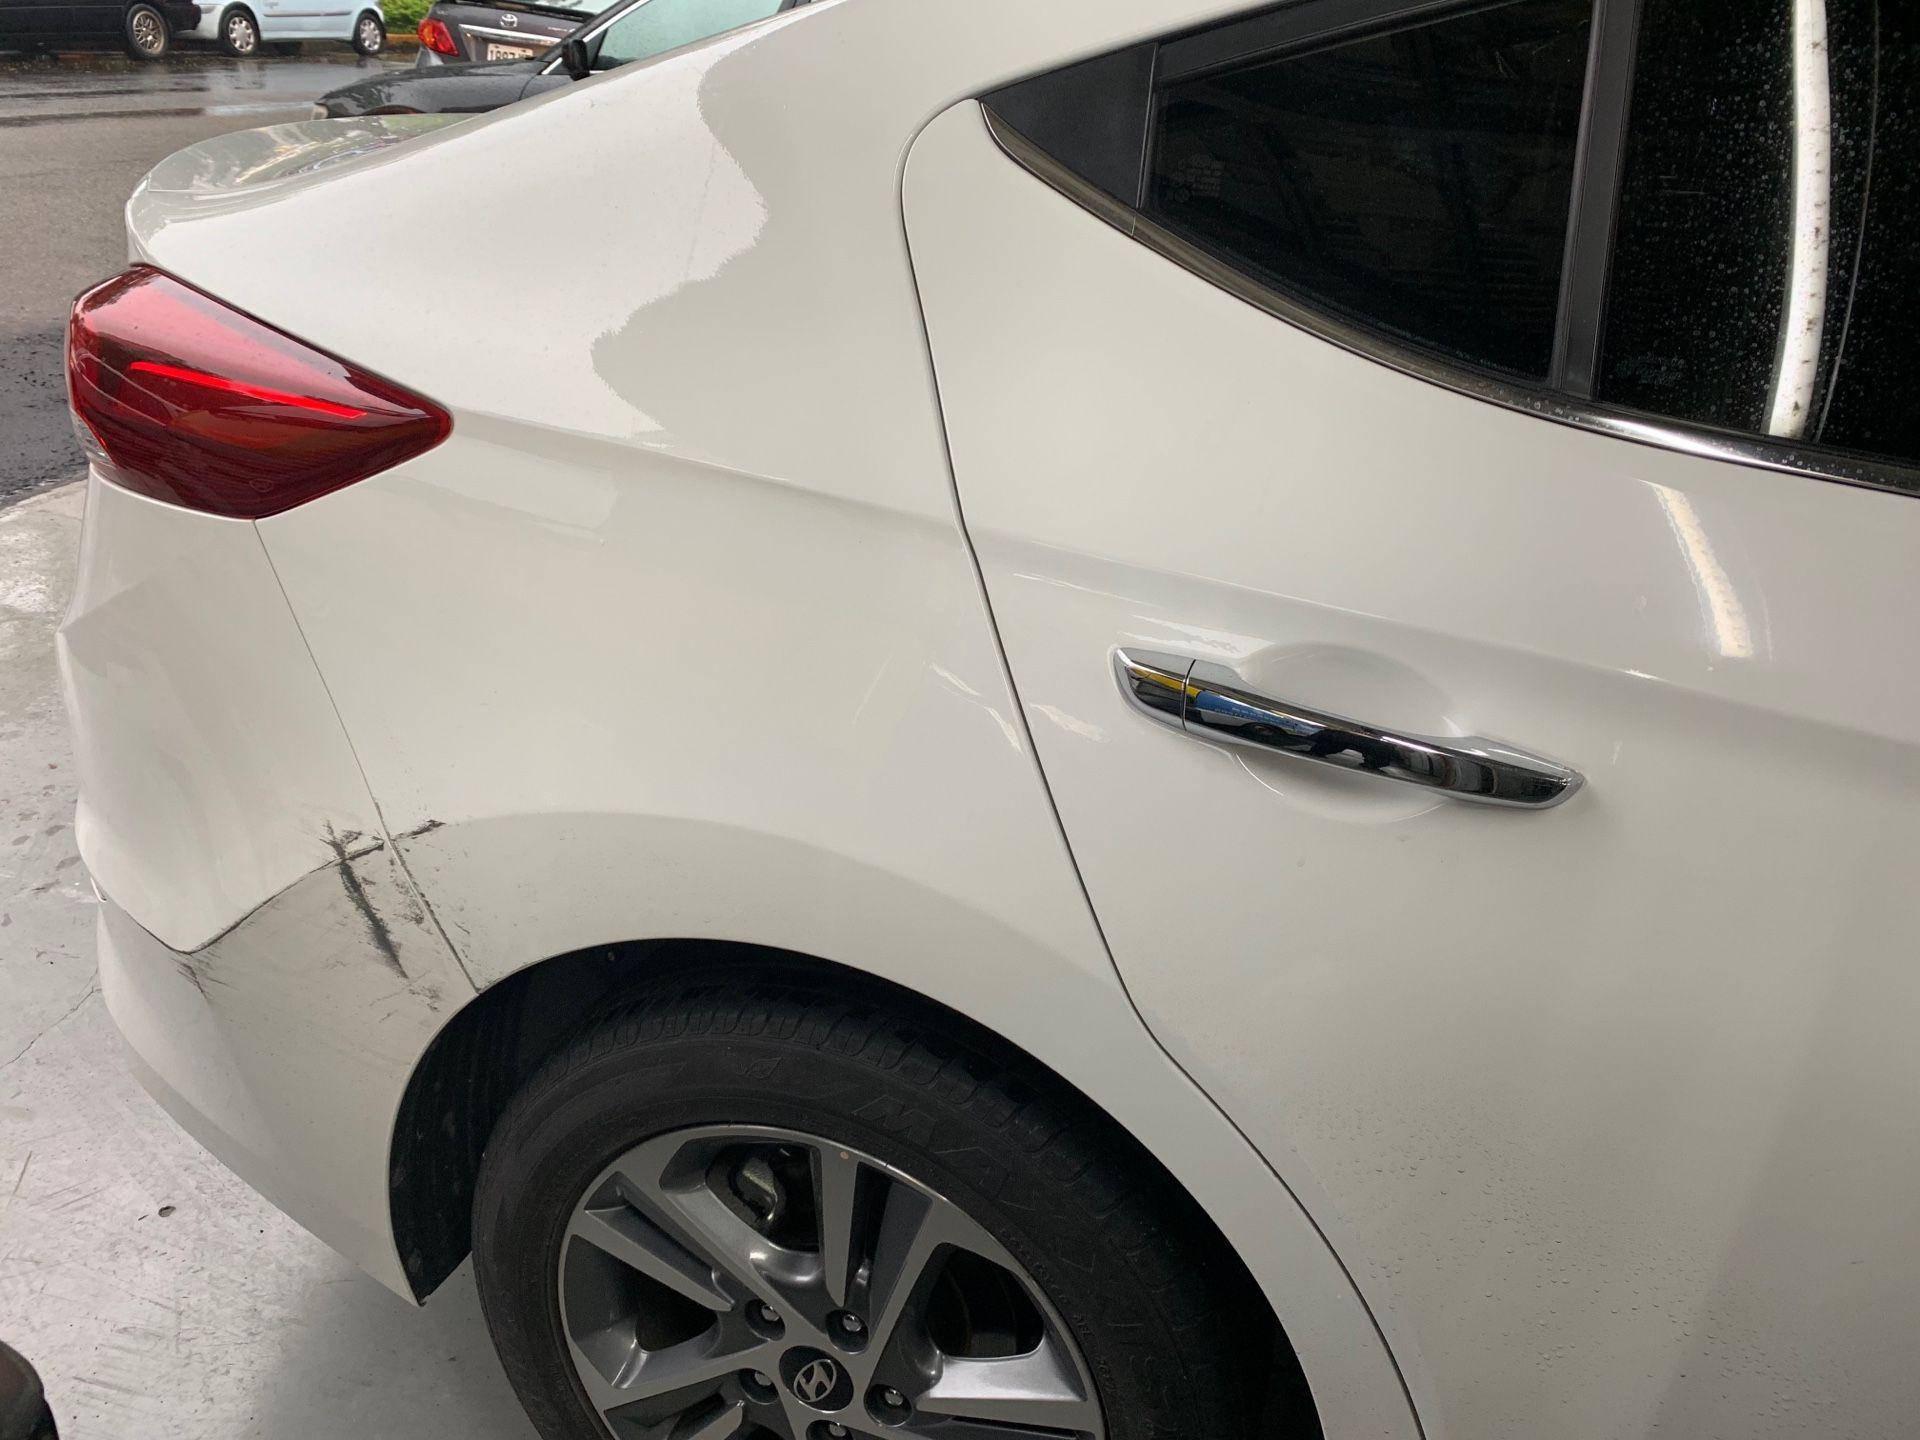 【振傑汽車】現代/HYUNDAI ELANTRA 車輛損傷烤漆#事故修復#汽車保桿修補